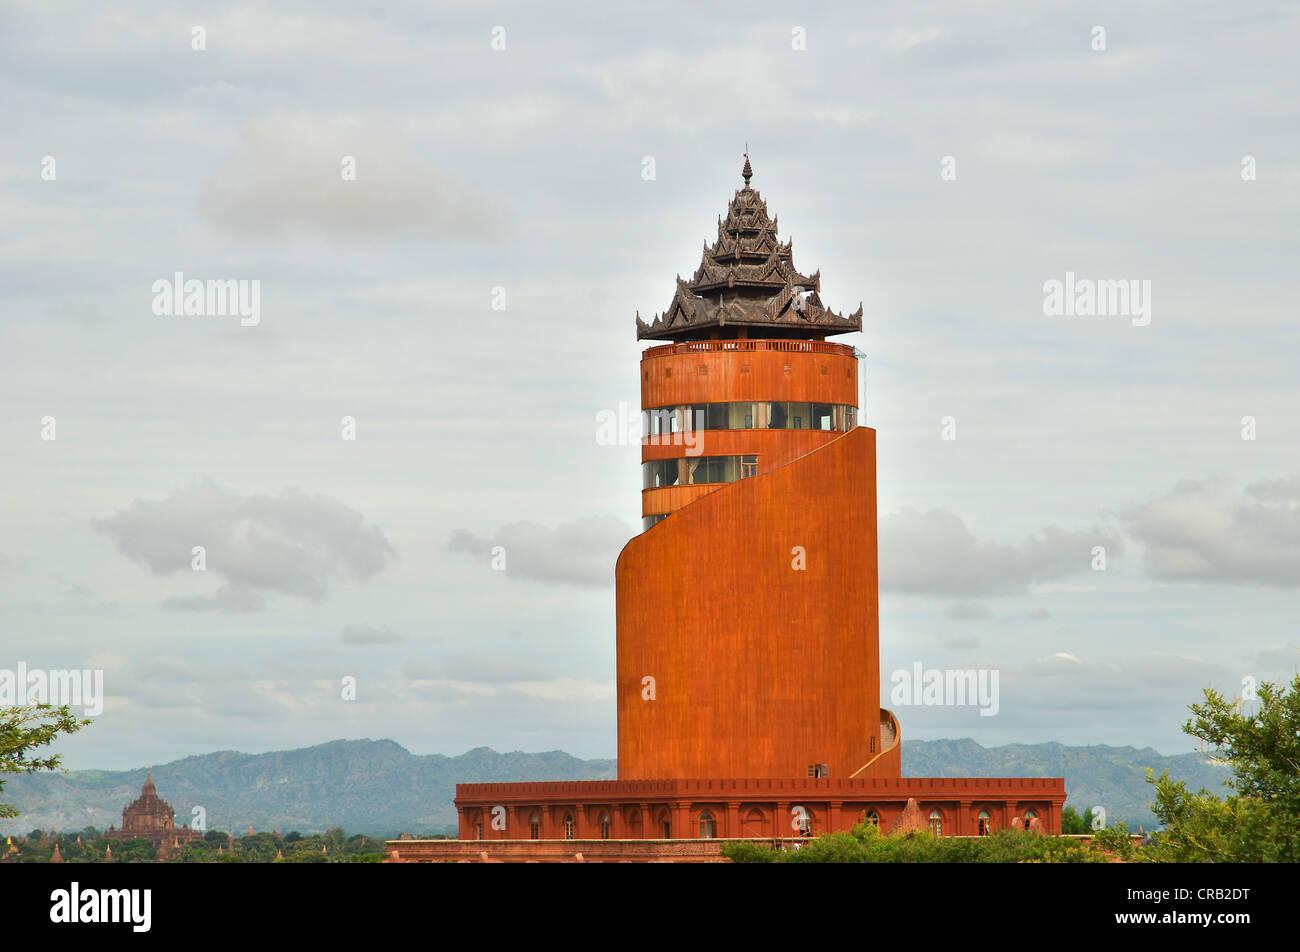 Nueva y moderna torre de observación del gobierno militar construido de hormigón en un estilo pagoda, Bagan, Myanmar, Birmania Foto de stock